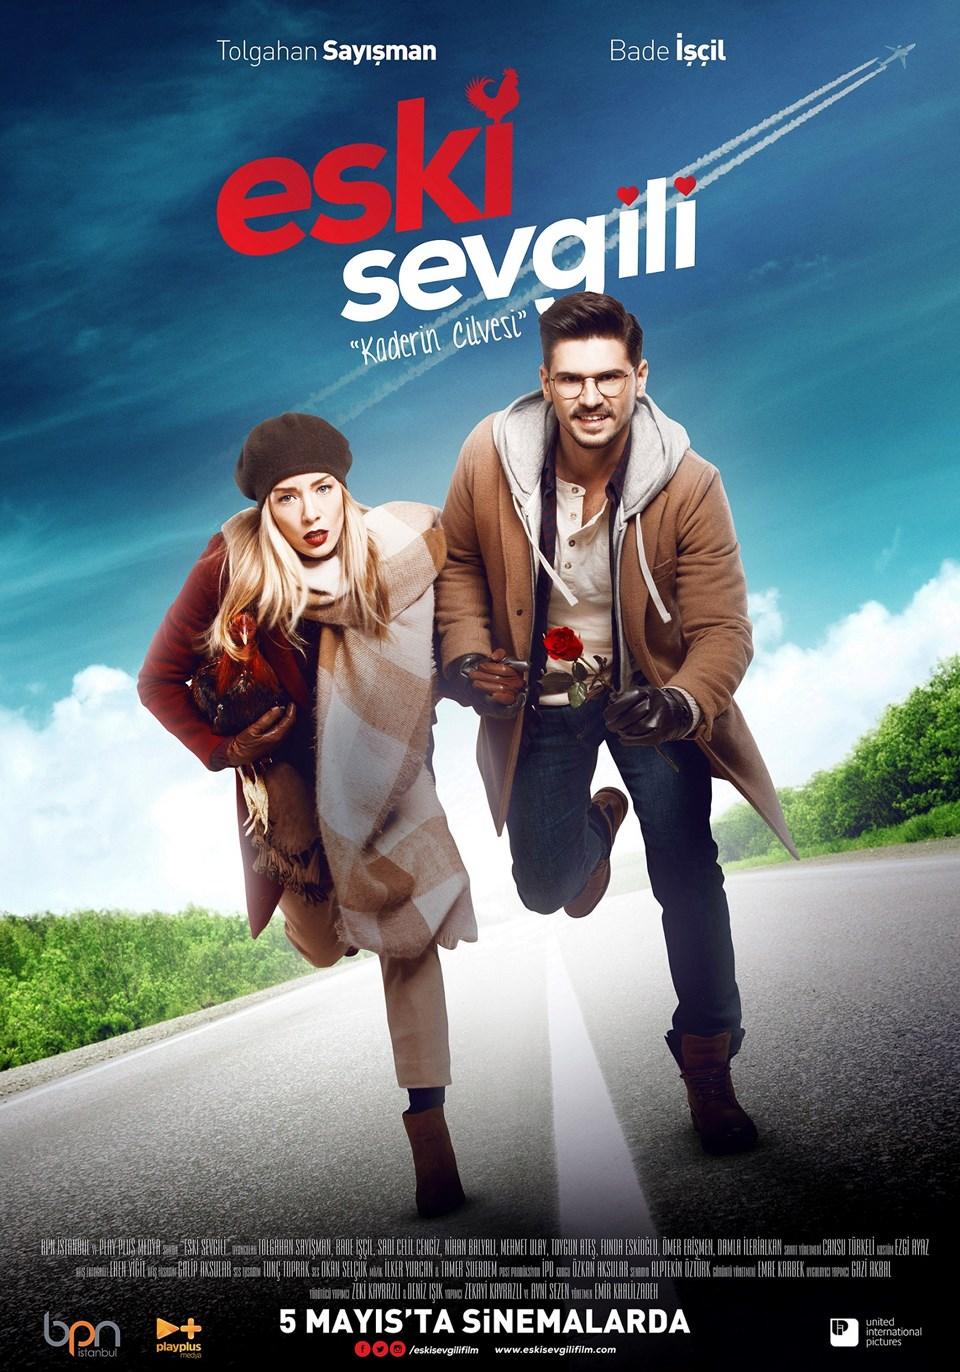 الحبيب السابق 2017 فيلم Eski Sevgili التركي مترجم للعربية + تقرير